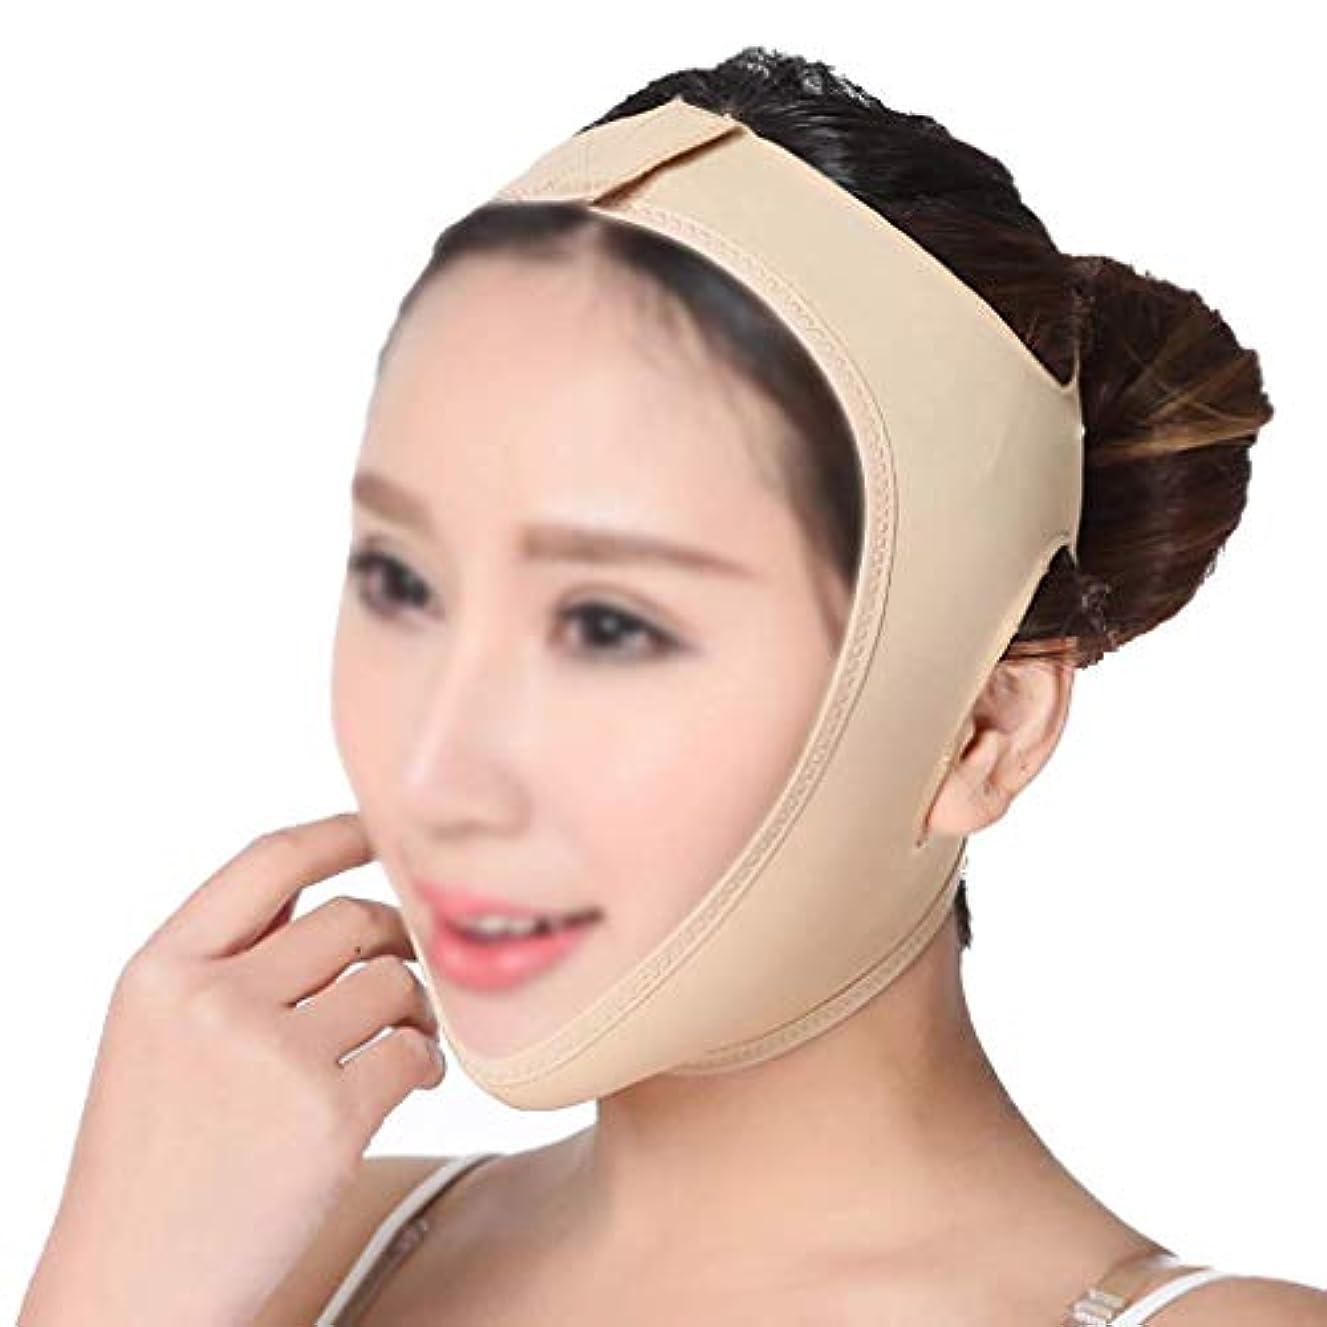 通路限界素晴らしい良い多くのフェイスリフティングマスク、リフティングチン、フェイシャルスキン、頬垂れ防止、快適で 生地、詰まることを拒否、着用が簡単(サイズ:M),ザ?